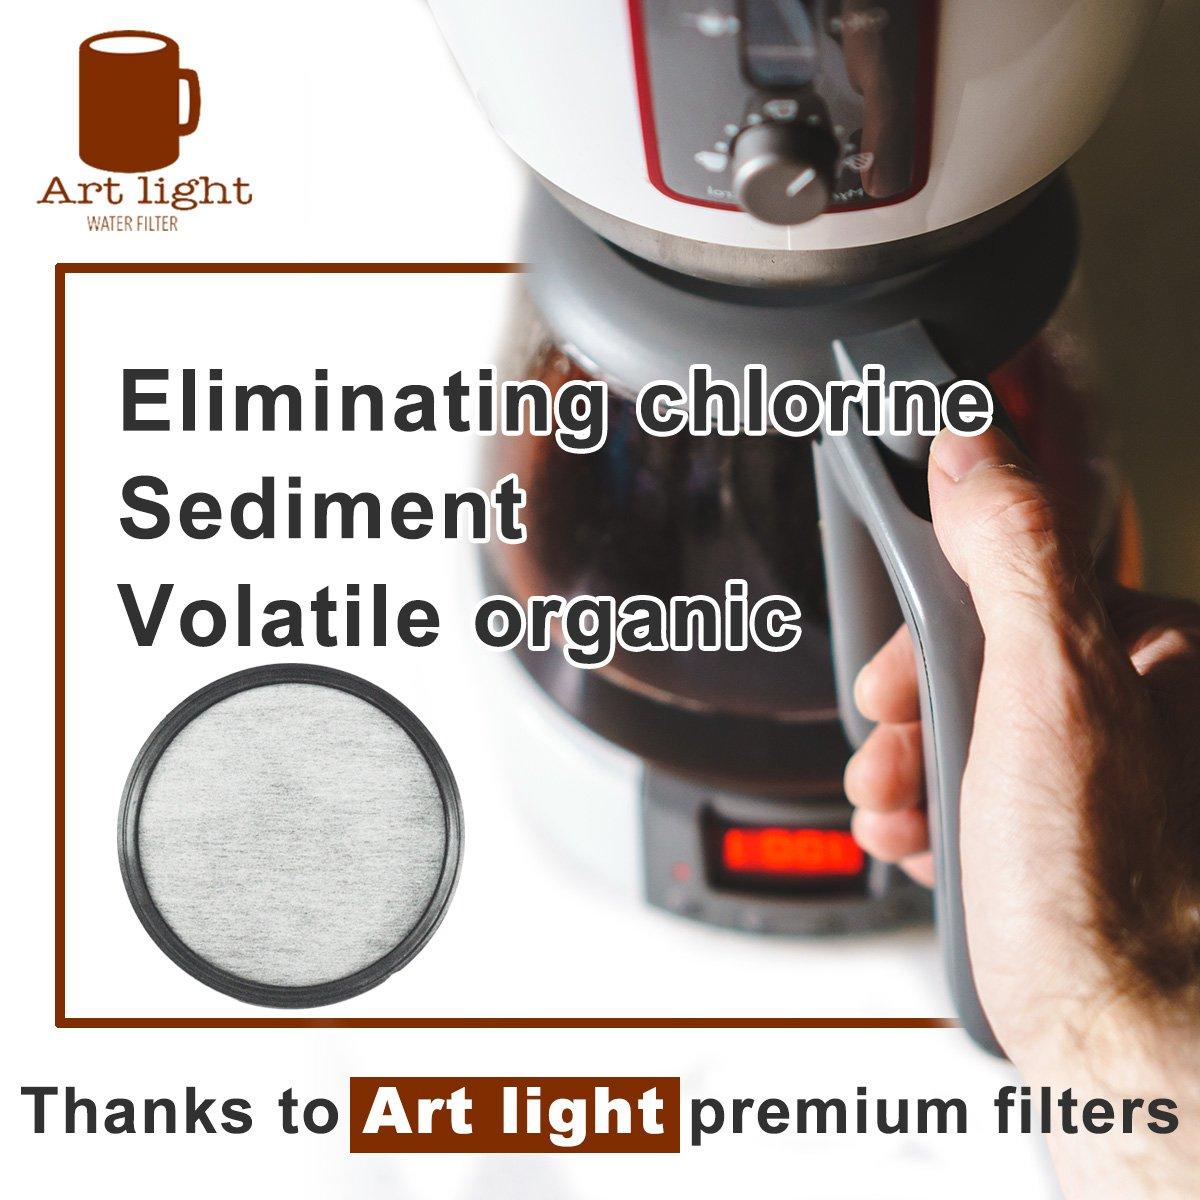 Filtros de agua de repuesto para filtro de agua de café MR. Filtros de agua compatibles - 24 filtros de agua de carbón universal para máquinas de café MR.